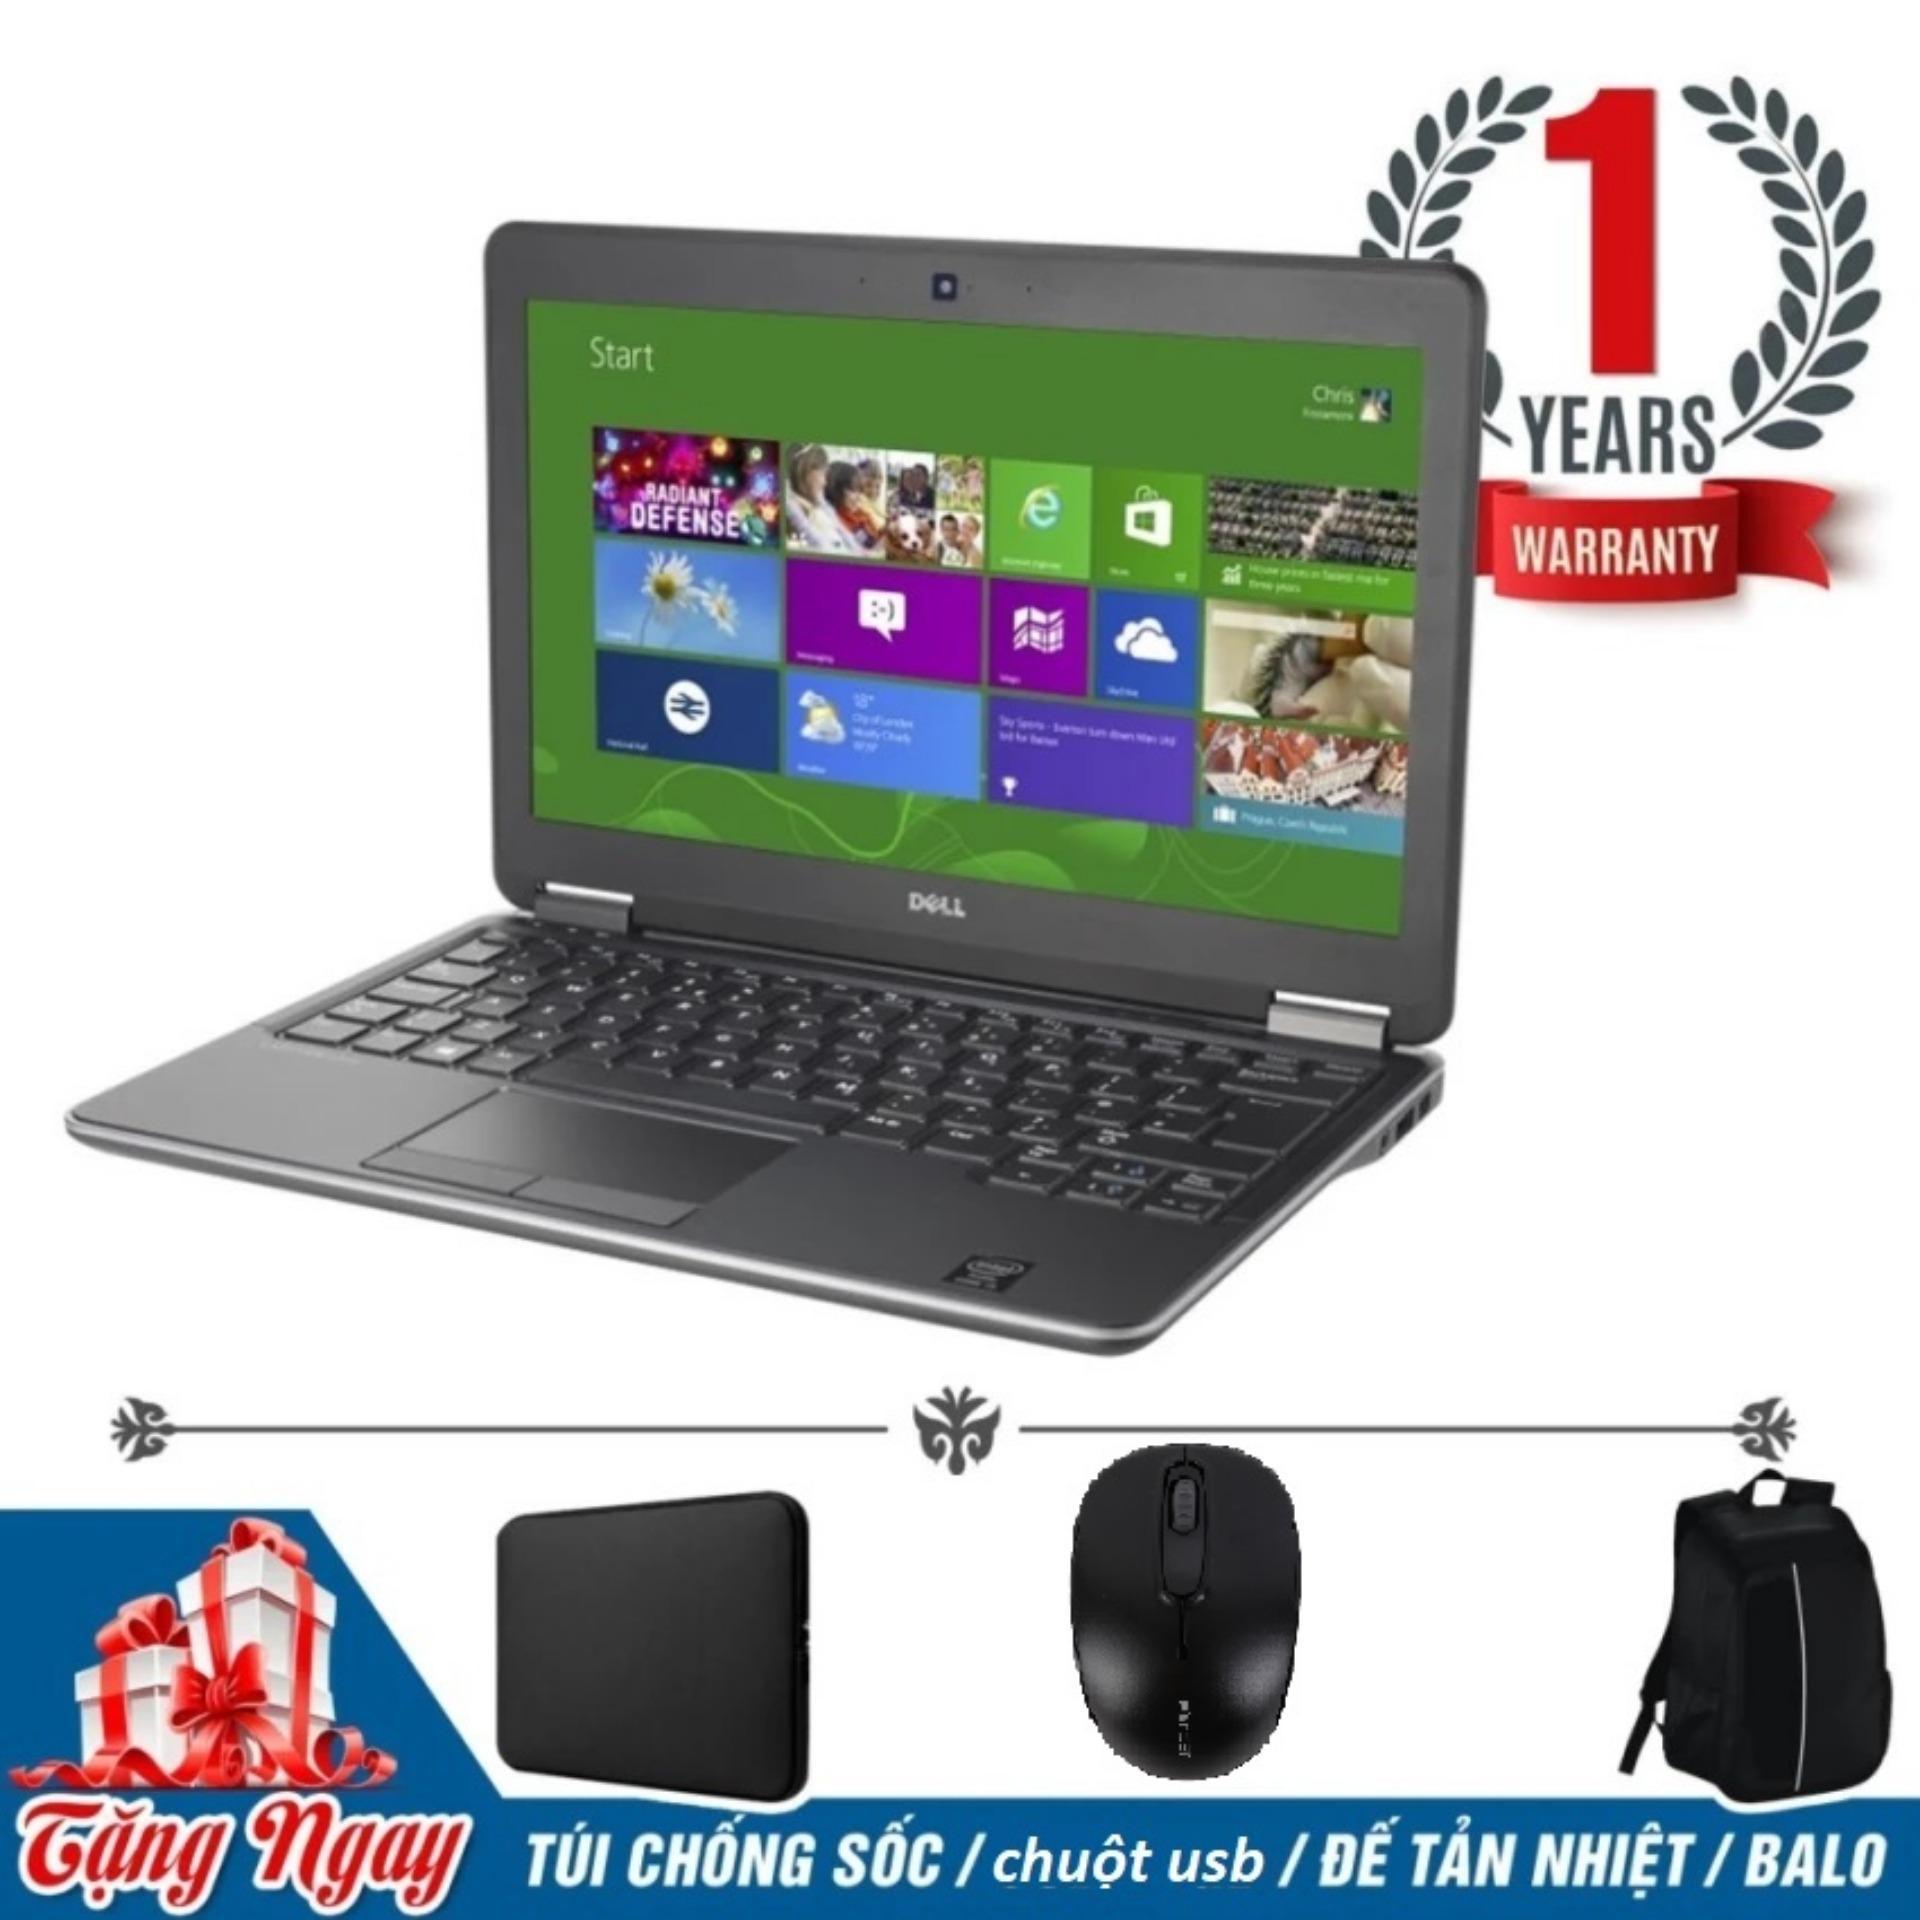 Đánh giá Laptop Dell Latitude E7240( i5-4300U, 12.5inch, 4GB,SSD 240GB ) + Bộ Quà Tặng – Hàng Nhập Khẩu Tại Siêu Thị Công Nghệ Việt